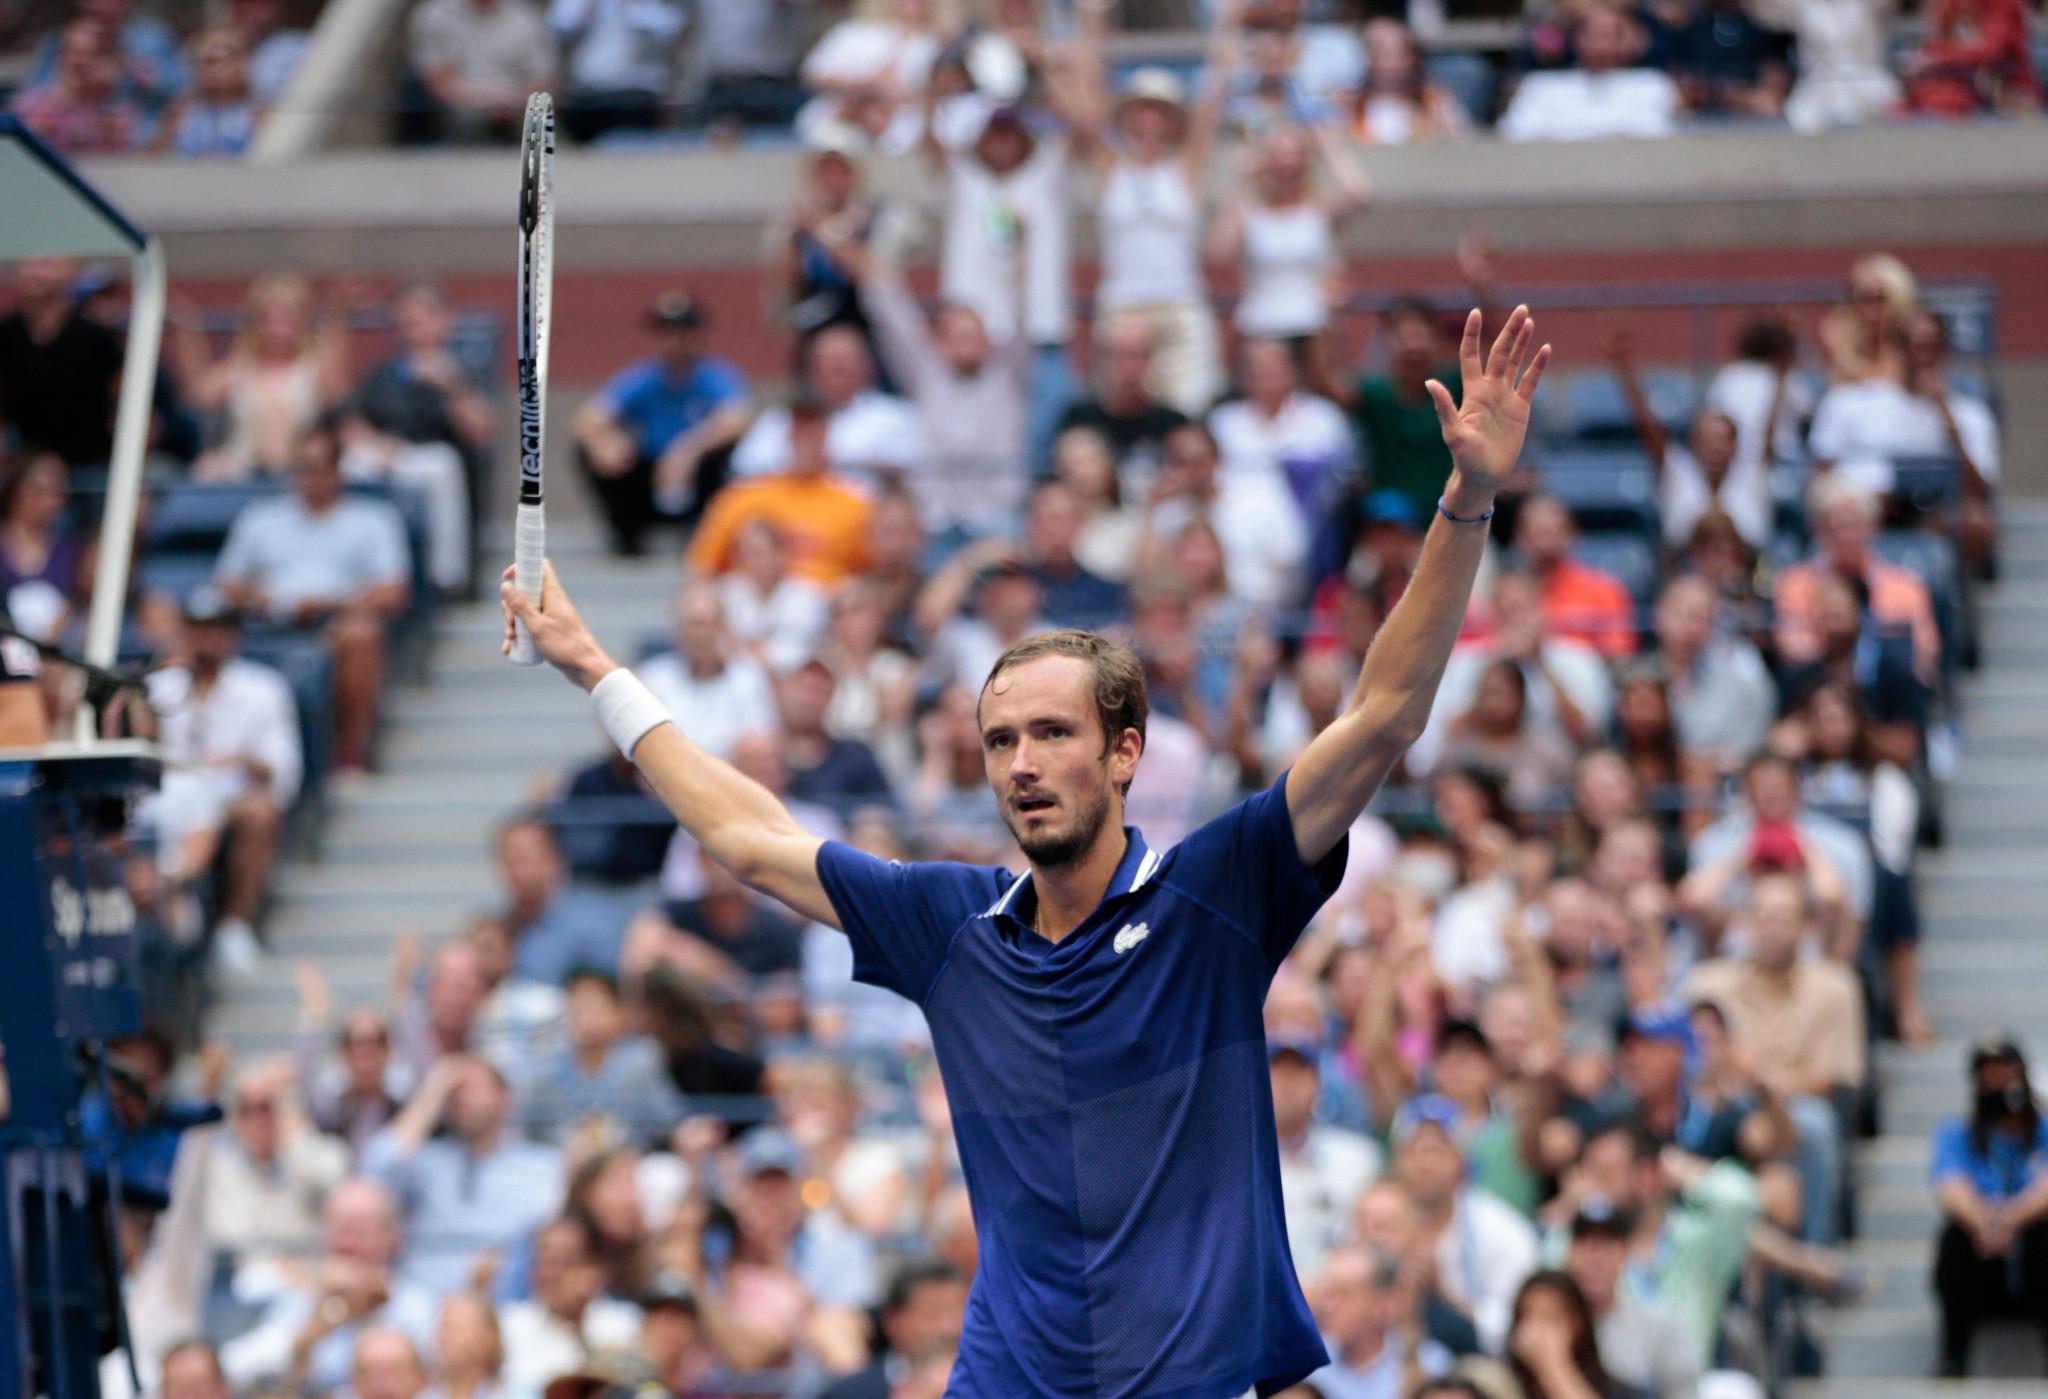 Medvedev crushes Djokovic's calendar Grand Slam dream in straight sets, winning US Open